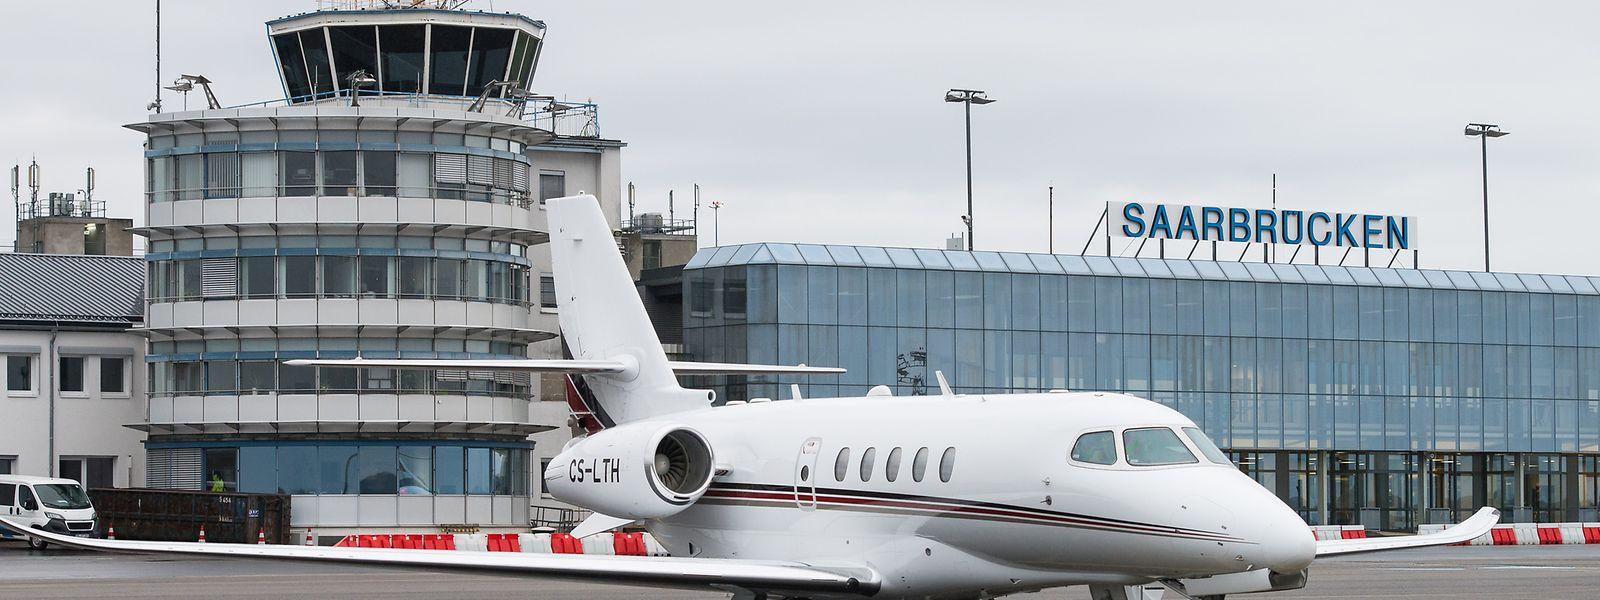 Als erster Flughafen in Deutschland wird der Airport in Saarbrücken mit einem neuartigen Notbremssystem für Flugzeuge ausgerüstet.